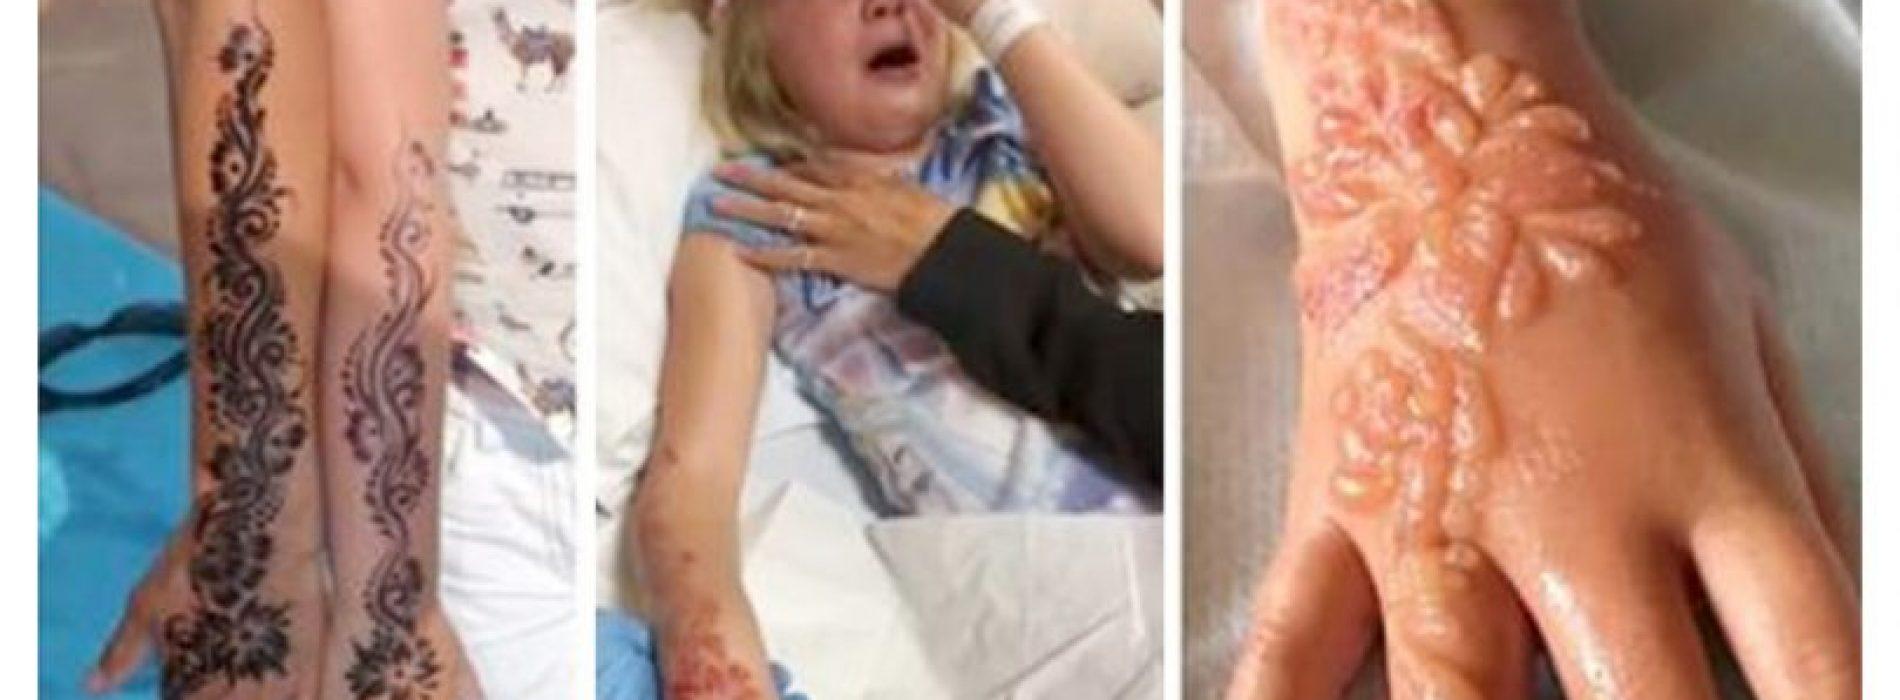 Op vakantie zet ze een zwarte henna tatoeage – Even later gebeurde het ondenkbare…